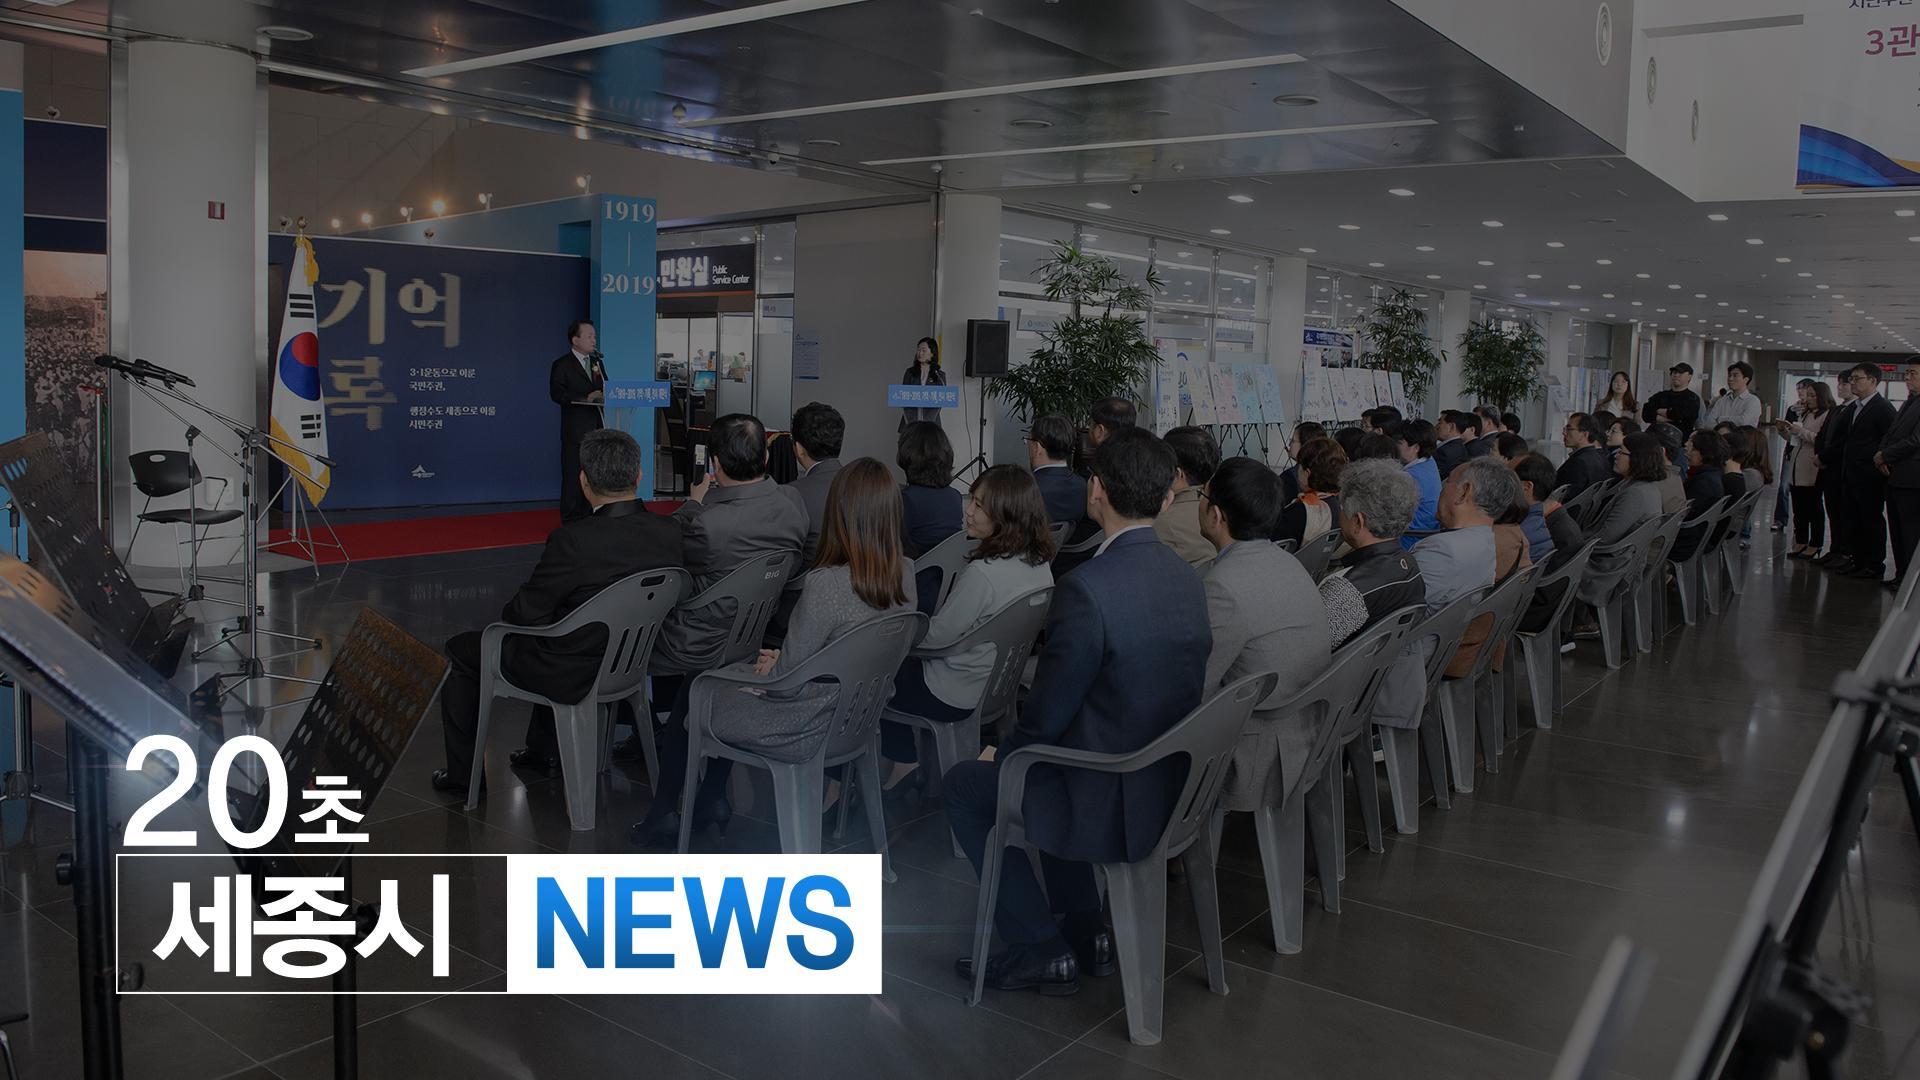 <20초뉴스> 1919-2019, 기억·기록전시회 개최